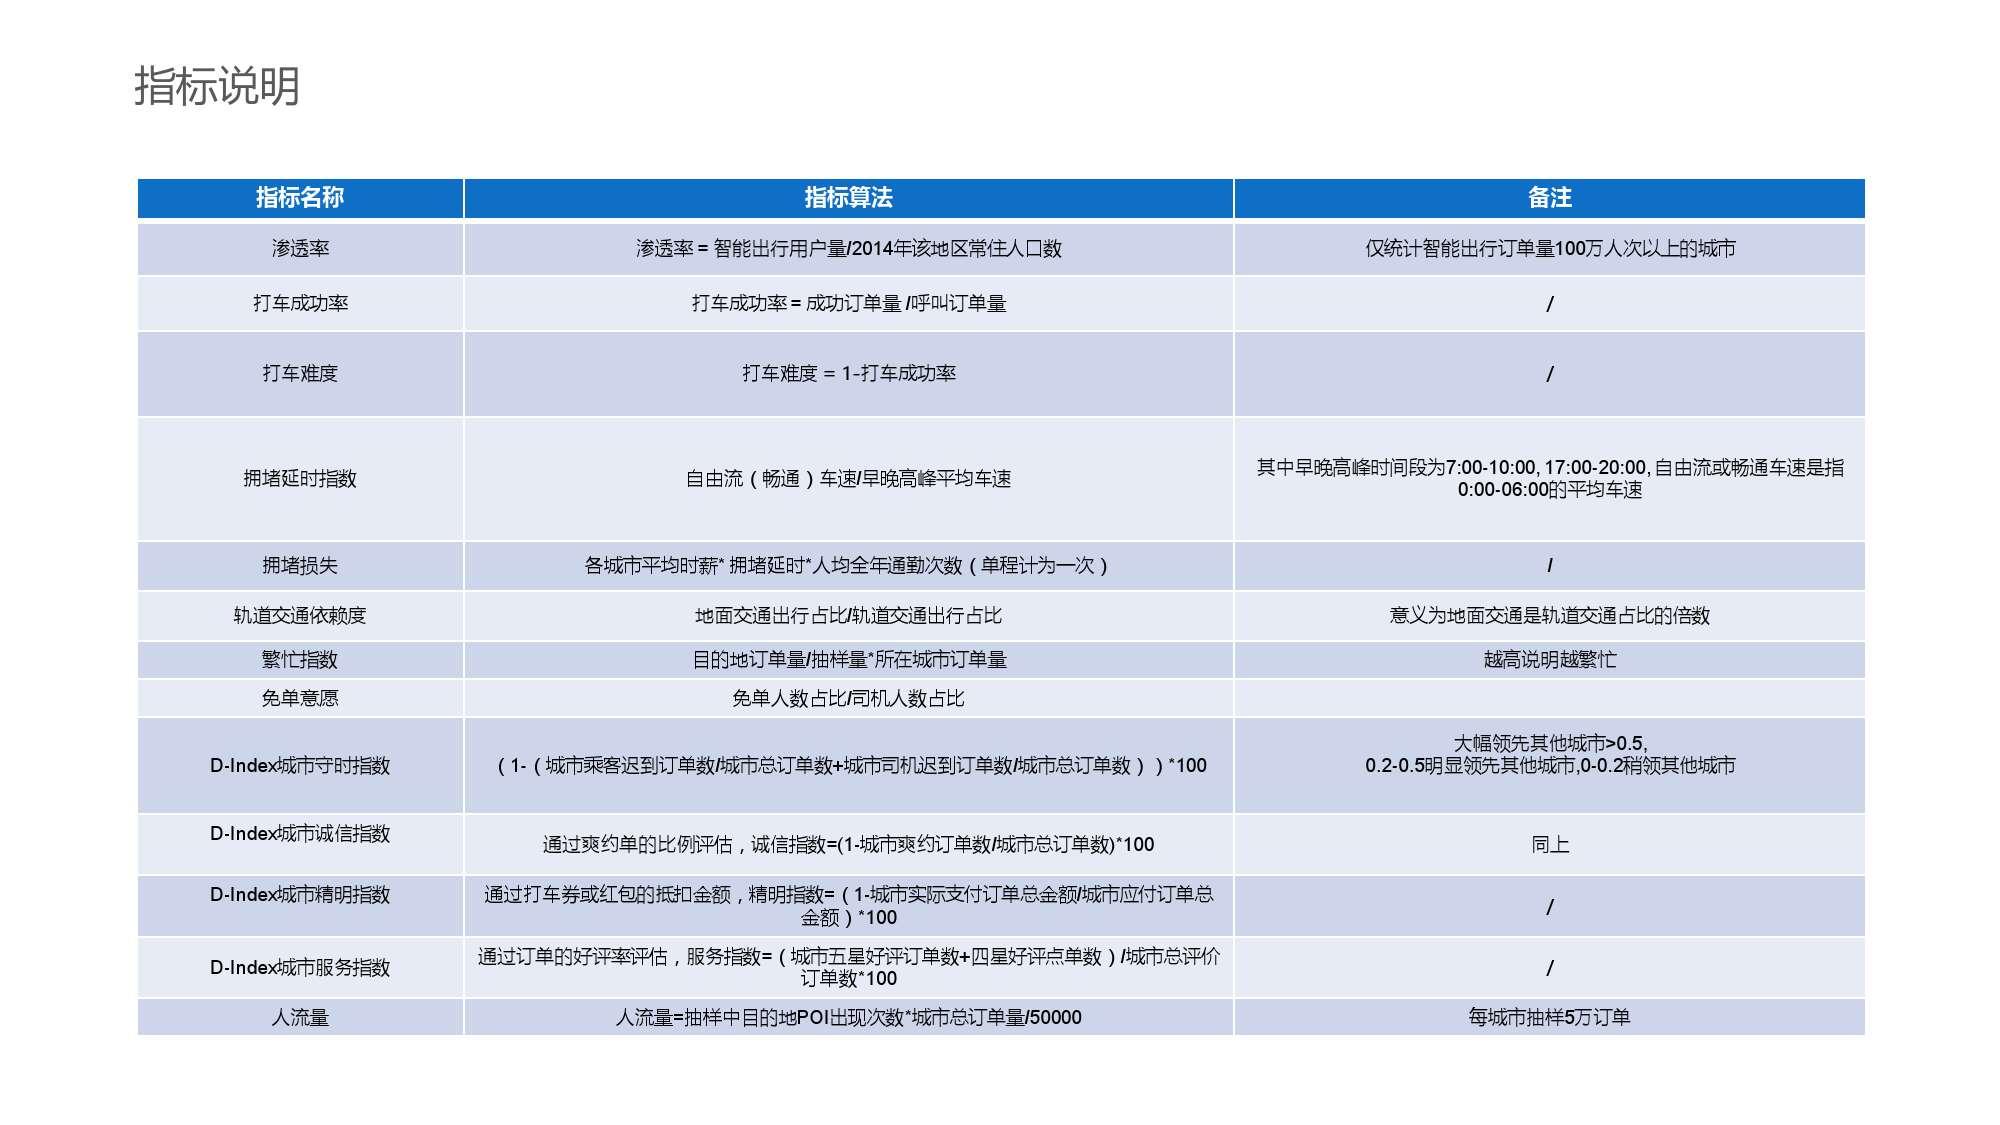 中国智能出行2015大数据报告_000109